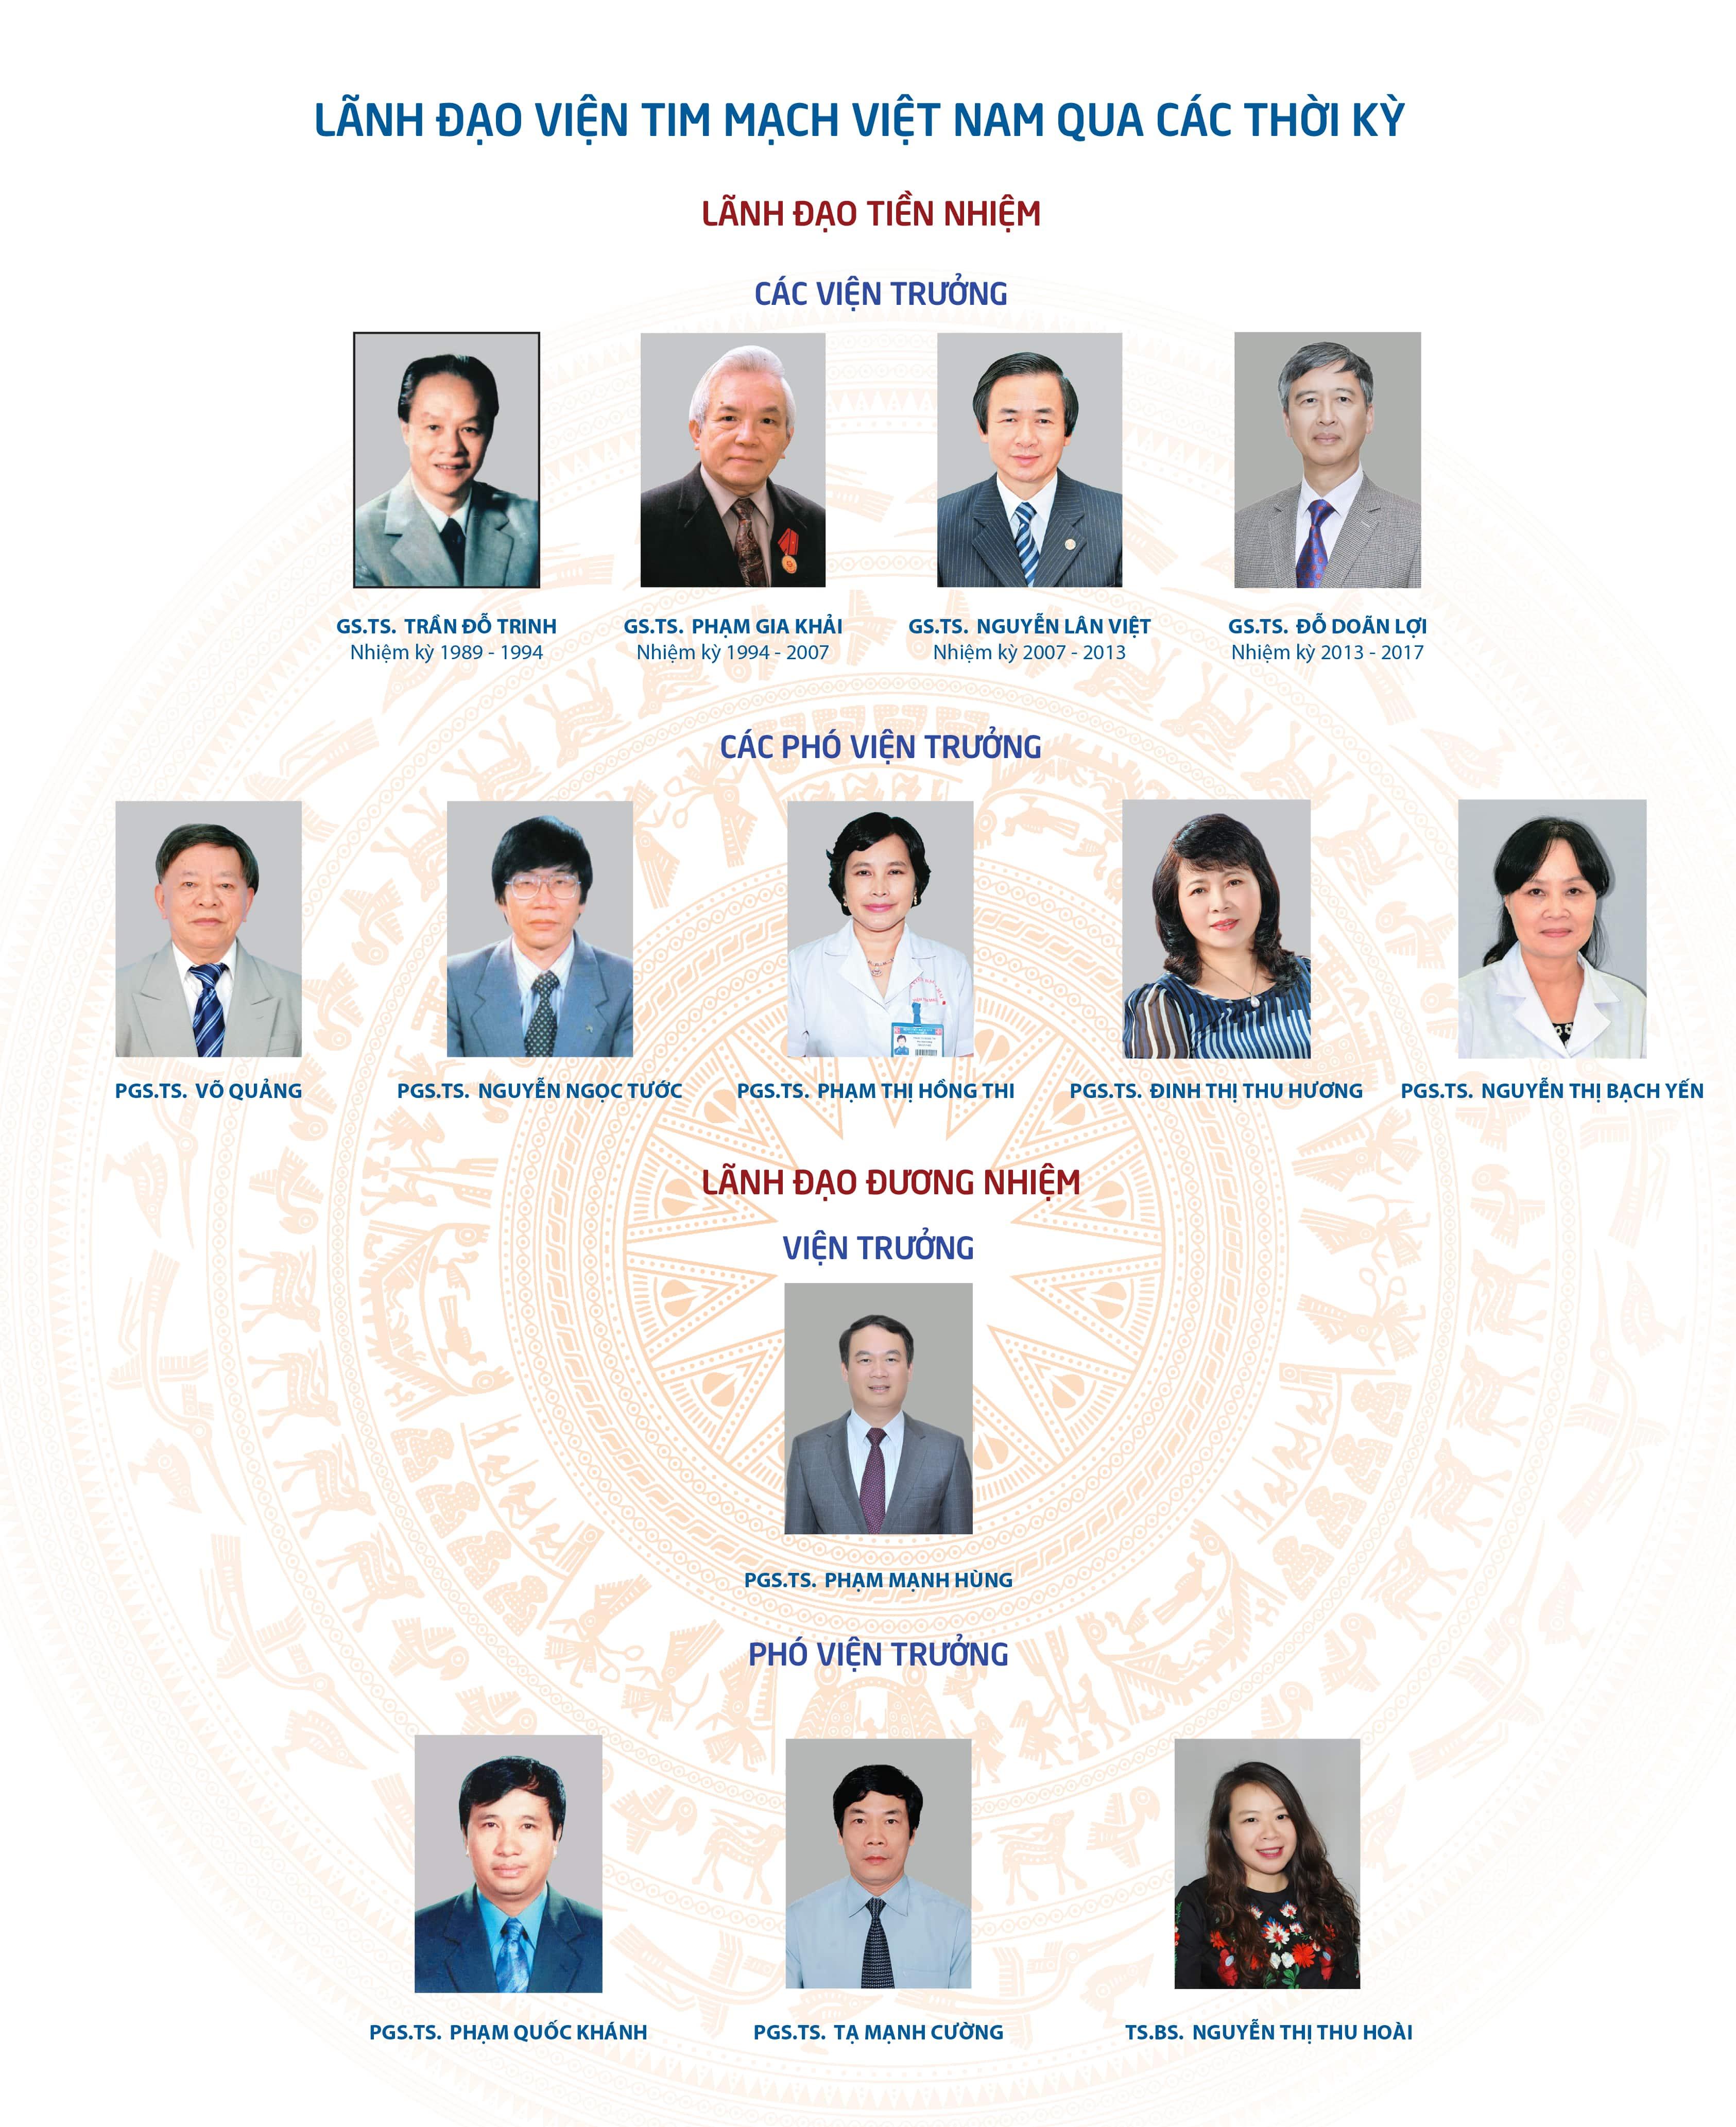 Đội ngũ lãnh đạo Viện tim mạch - BV Bạch Mai